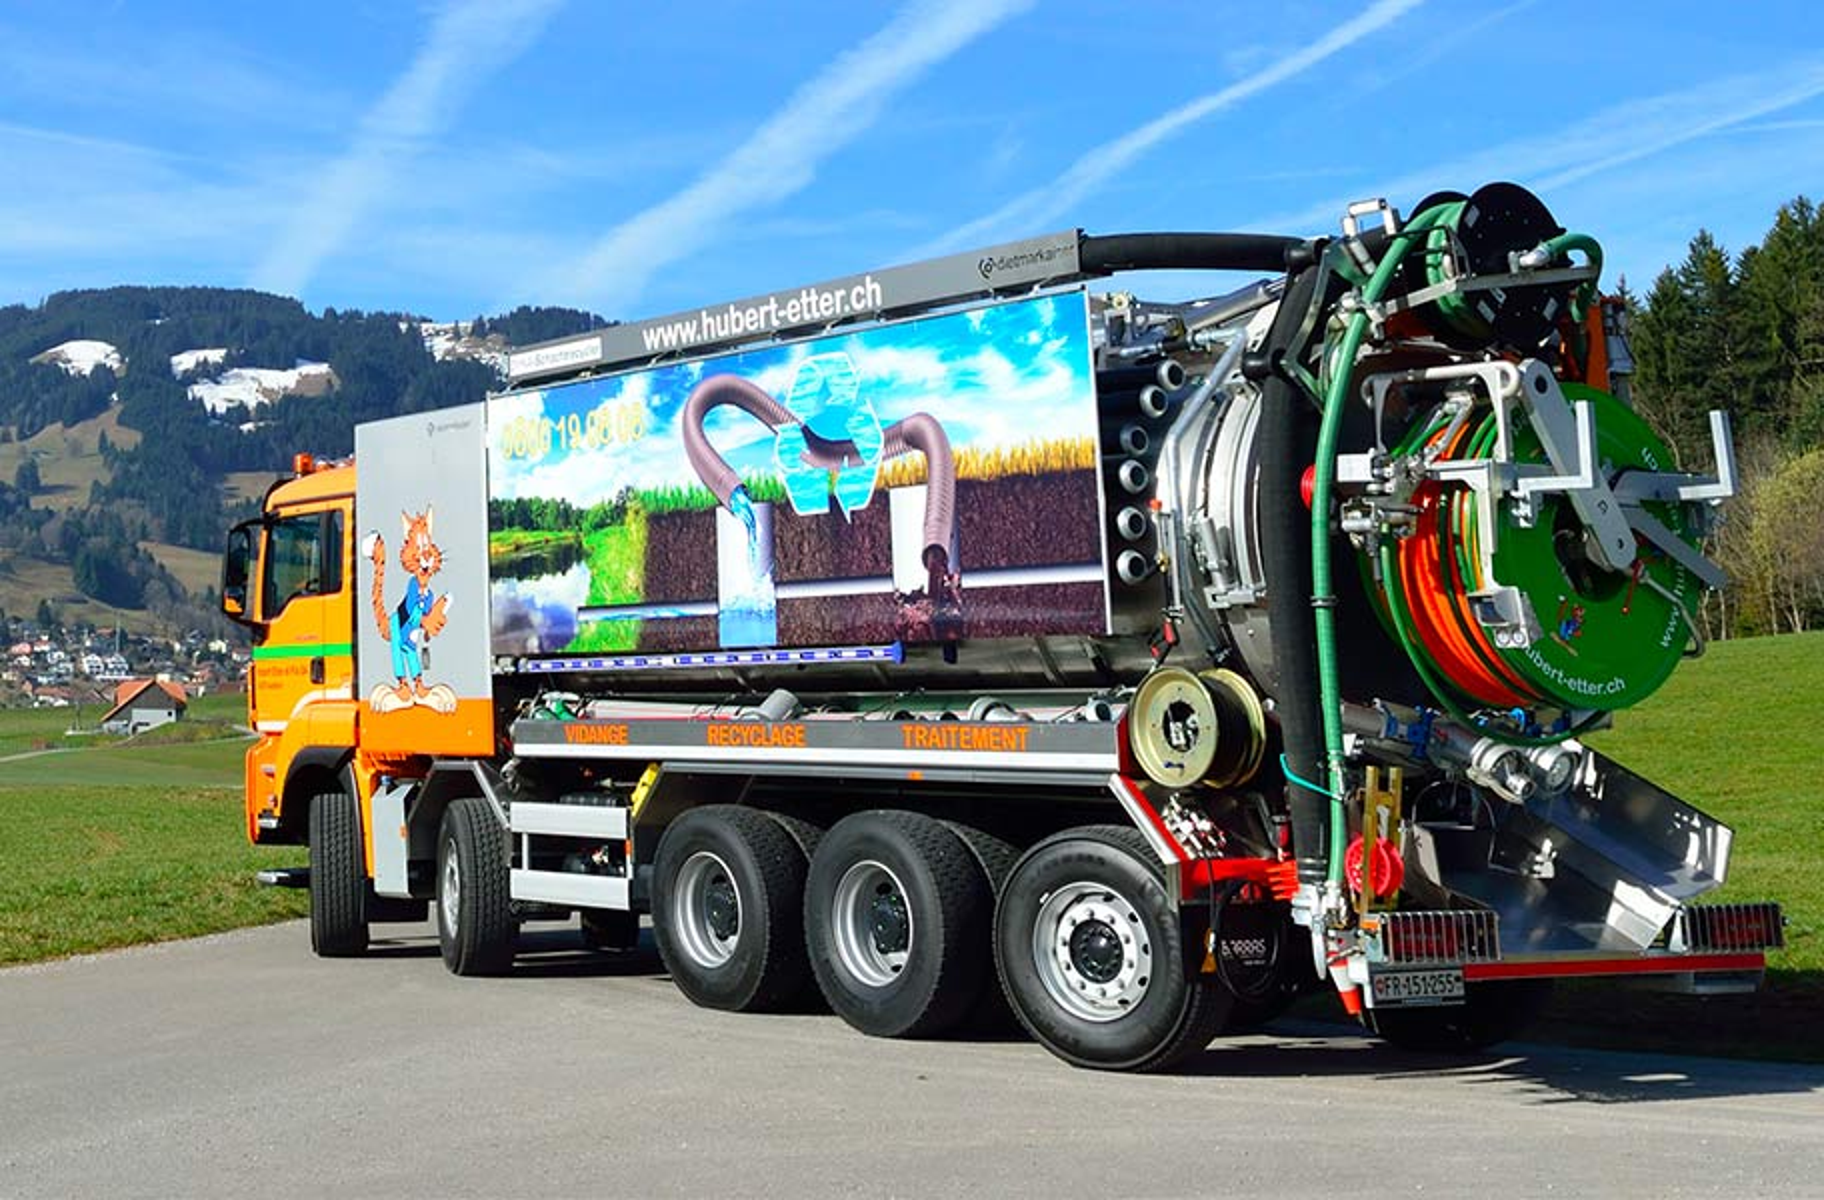 Mise en service d'un camion recycleur équipé d'une installation de traitement des eaux pour la vidange de dépotoirs de route